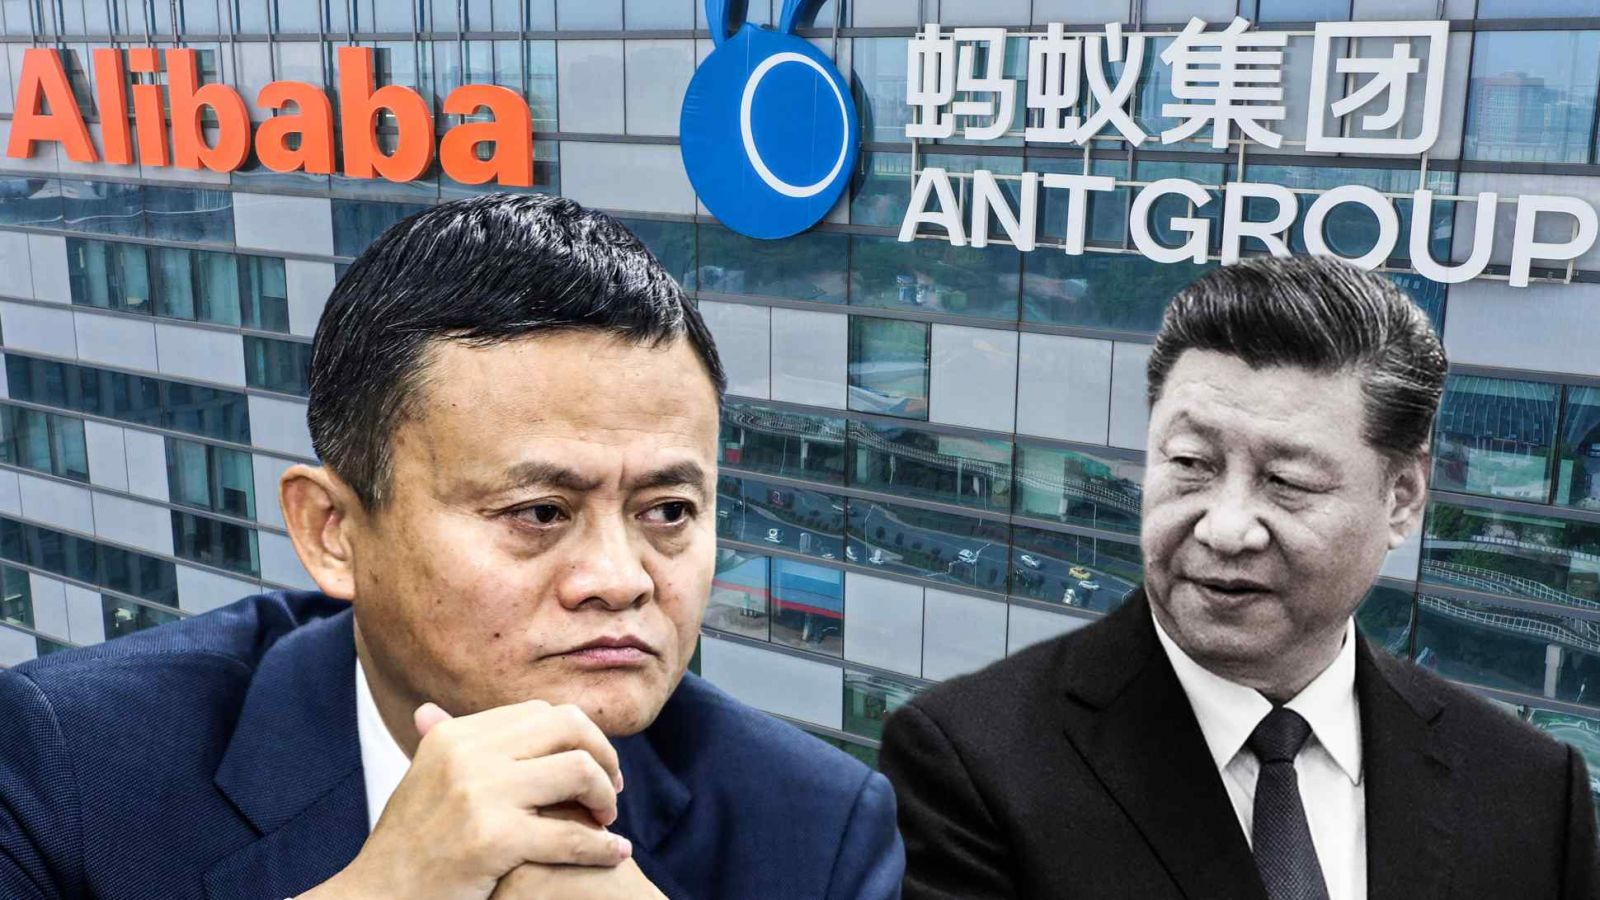 Chủ tịch Tập Cận Bình đang đưa các chiến thuật mà ông đã sử dụng trong chiến dịch chống tham nhũng đặc trưng của mình cho các công ty tư nhân như Alibaba và người sáng lập Jack Ma. (Nguồn ảnh của Reuters và Getty Images)